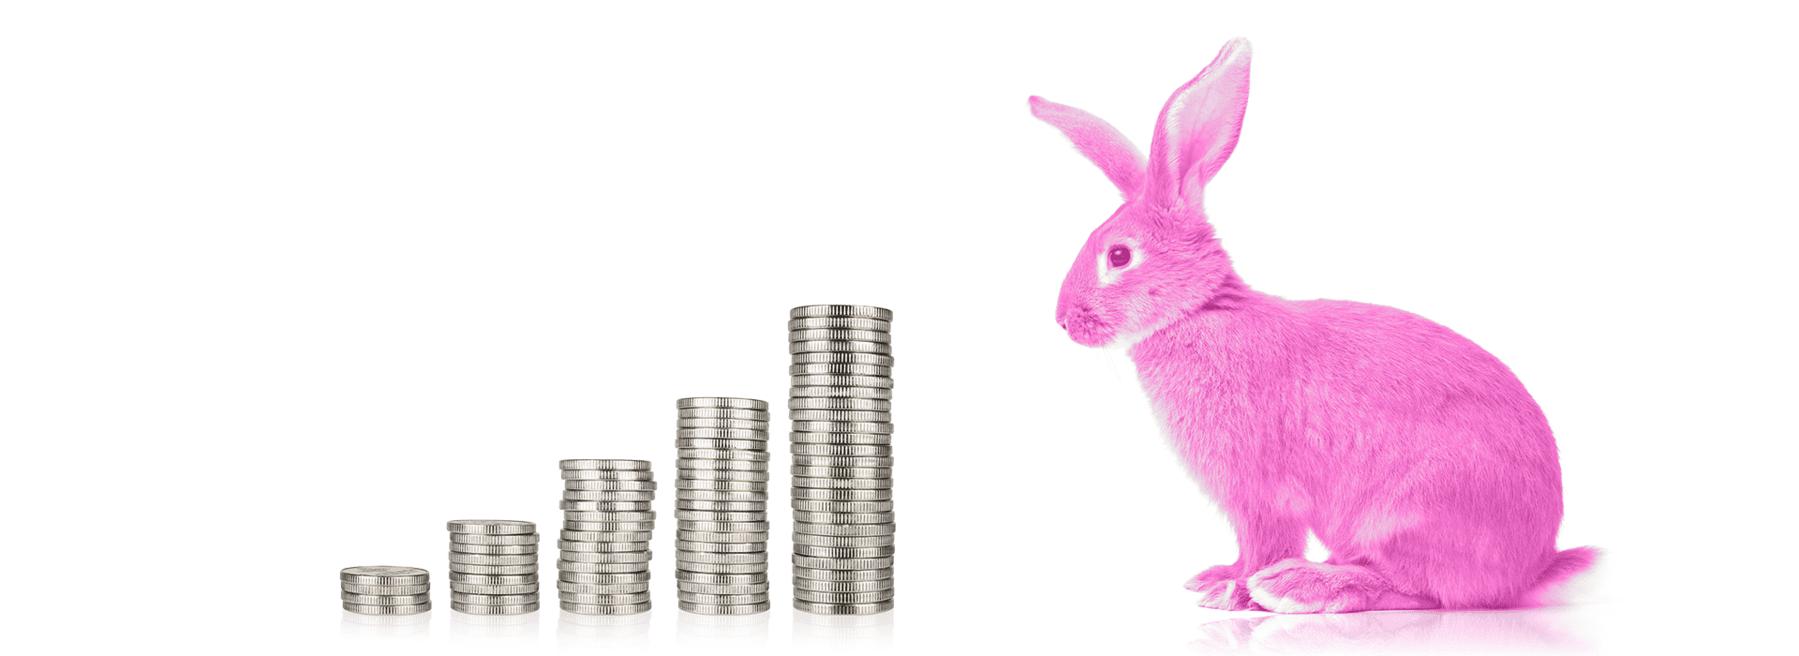 Die Finanzen des Osterhasen - DADAT Bank